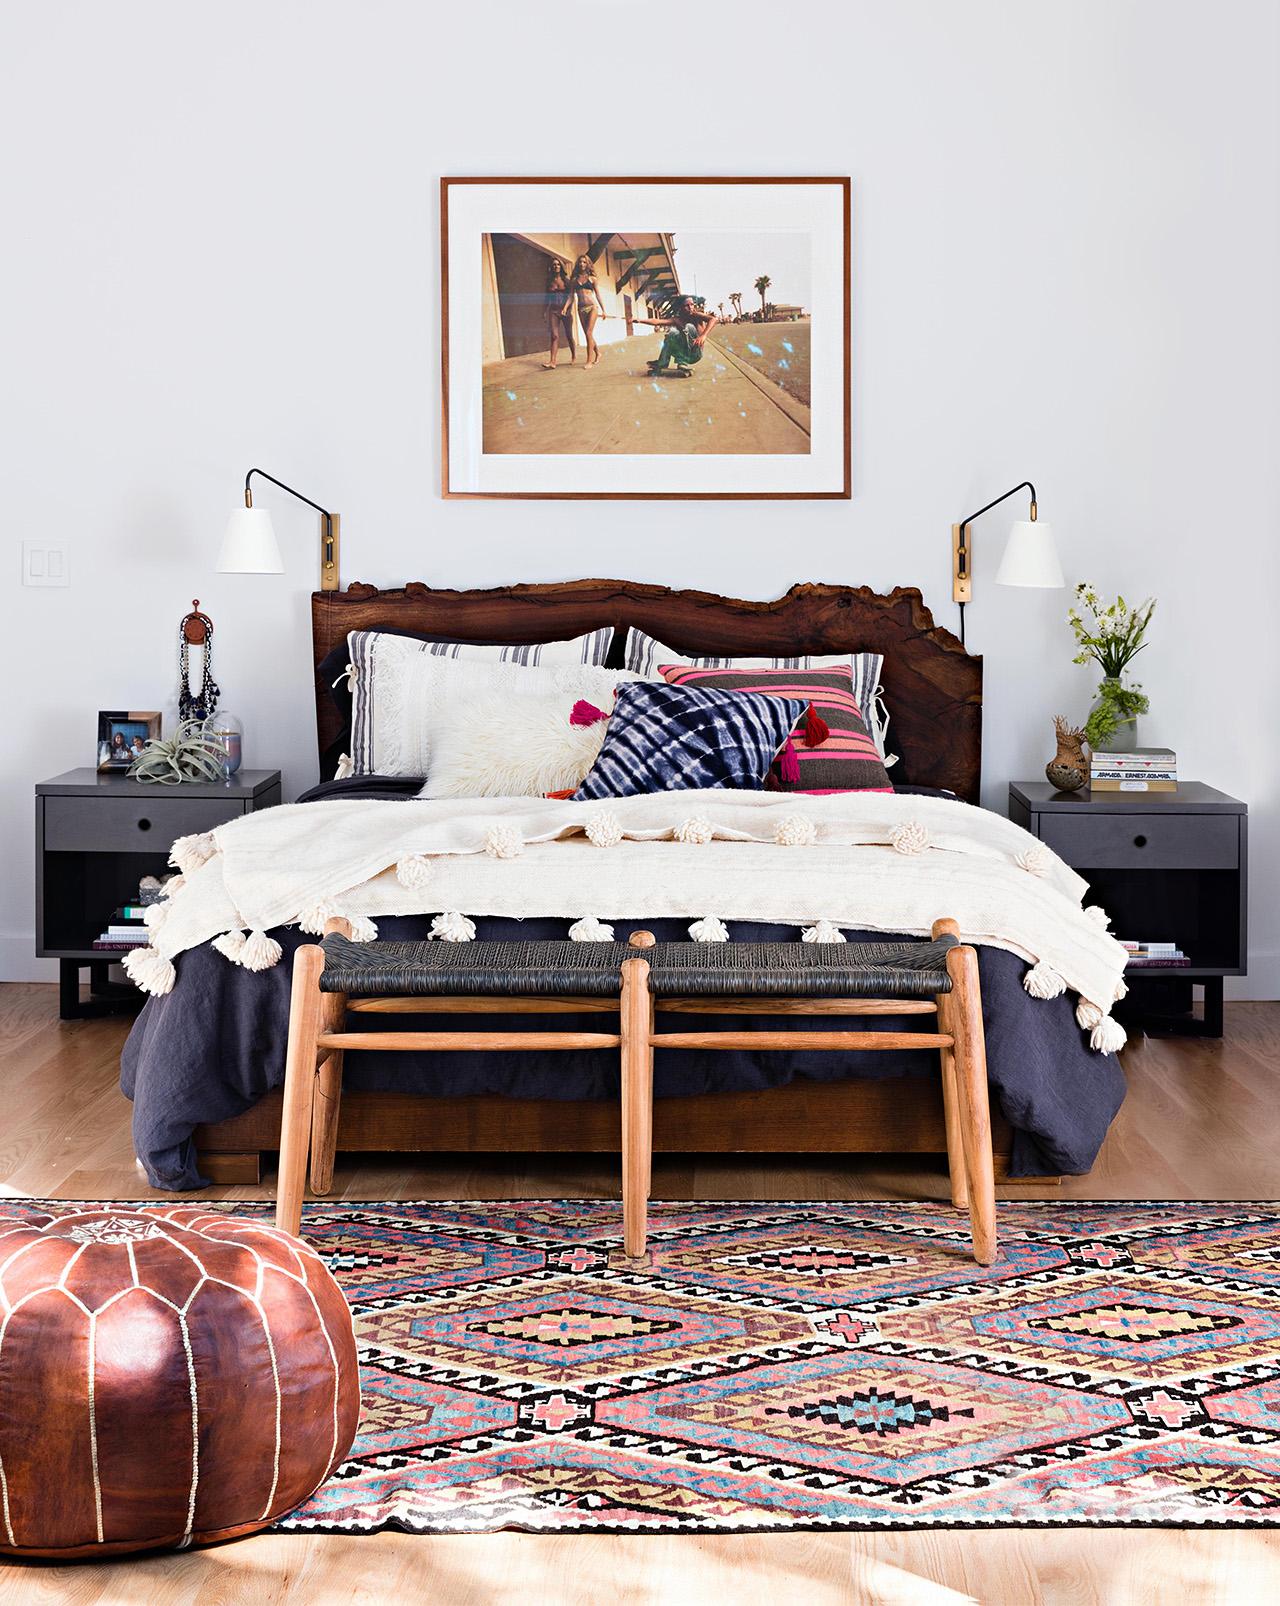 đầu giường bằng gỗ độc đáo